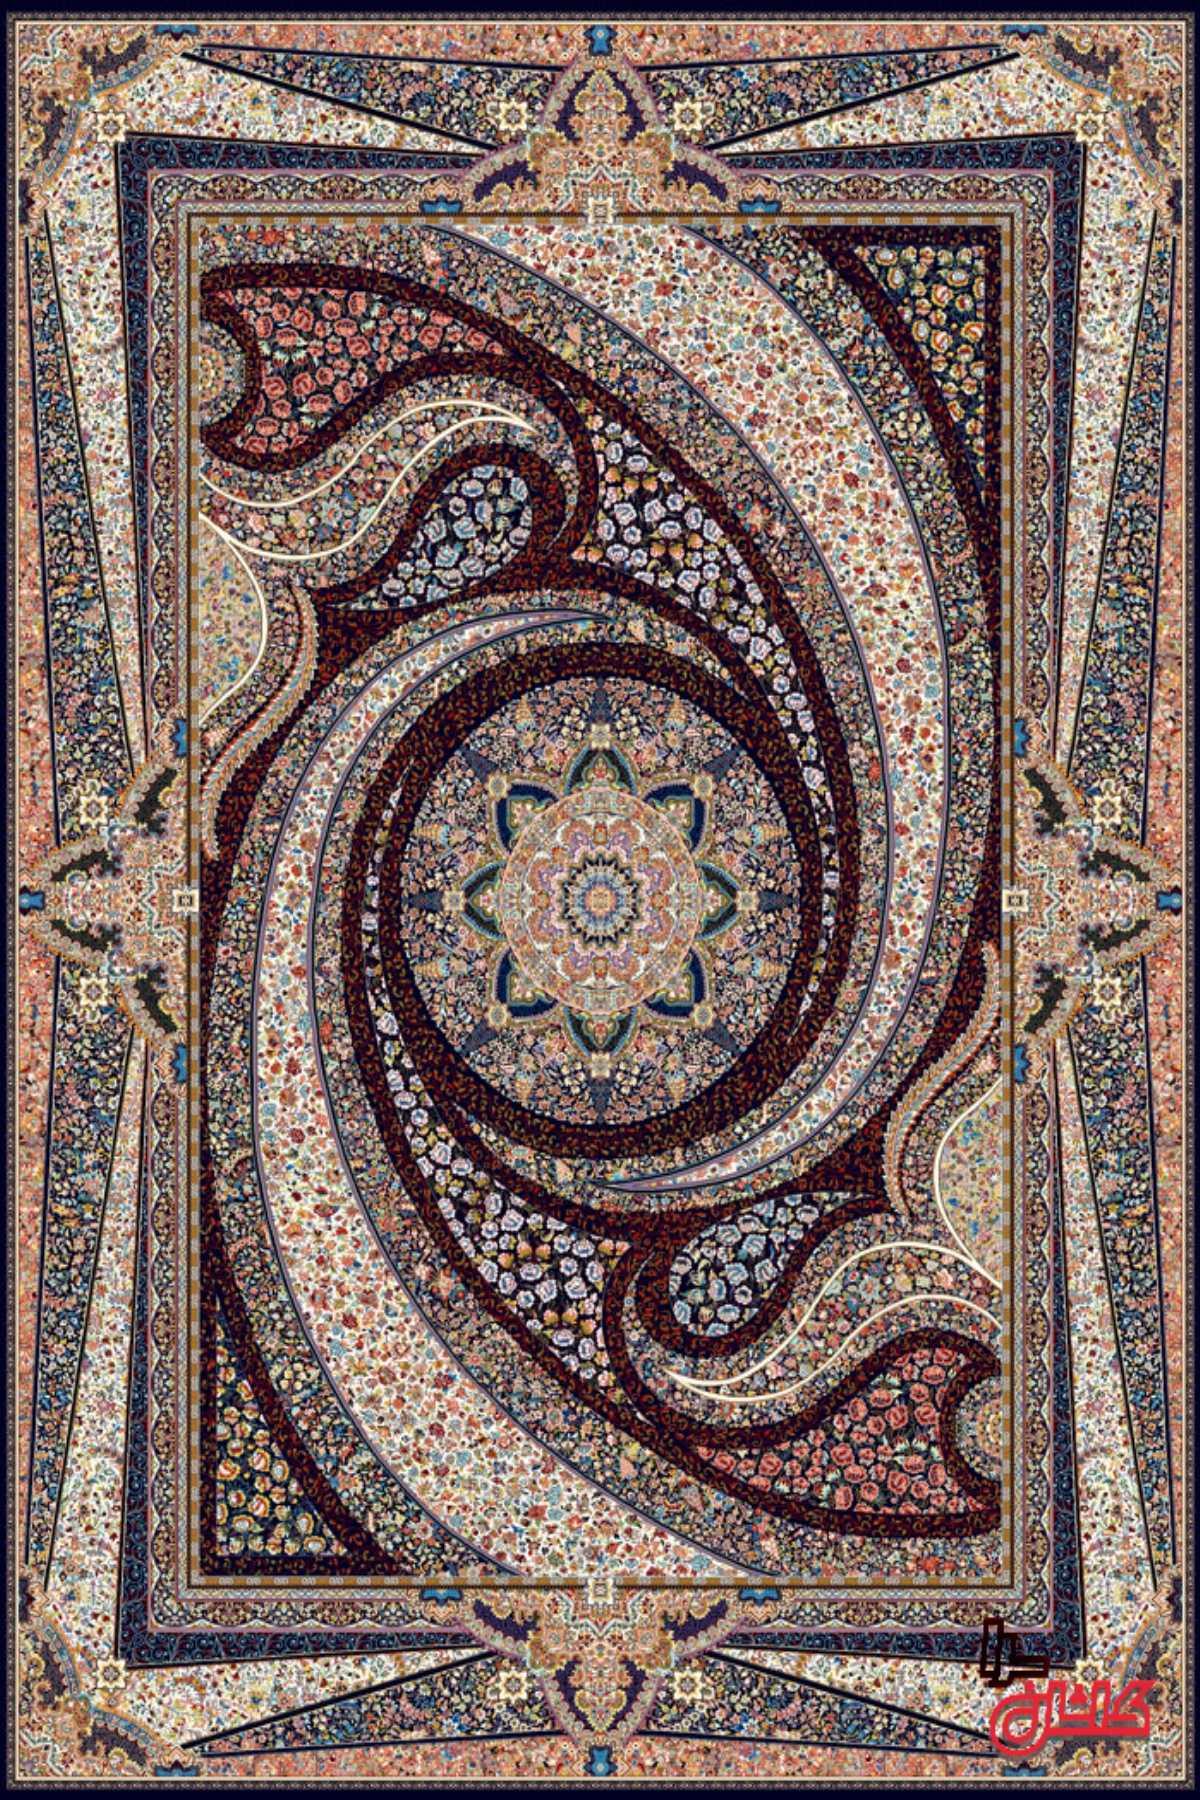 Iranmehr-Kahkeshan_12_S_2550-700